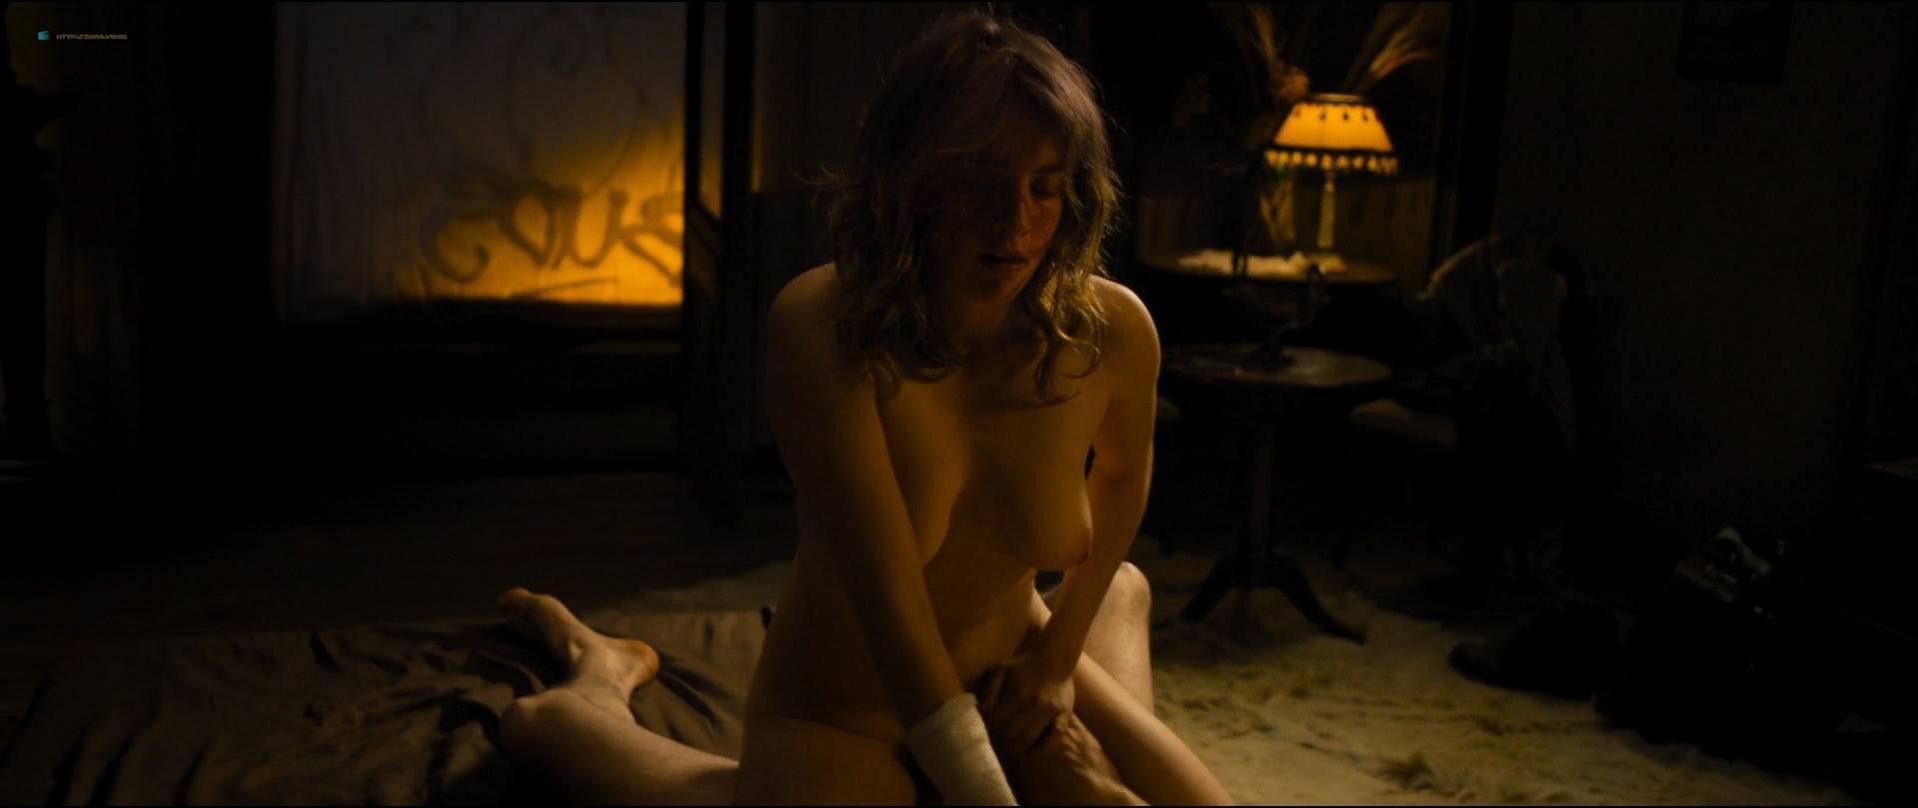 Fuck Hannah Herzsprung naked (91 photos), Sexy, Sideboobs, Twitter, butt 2018